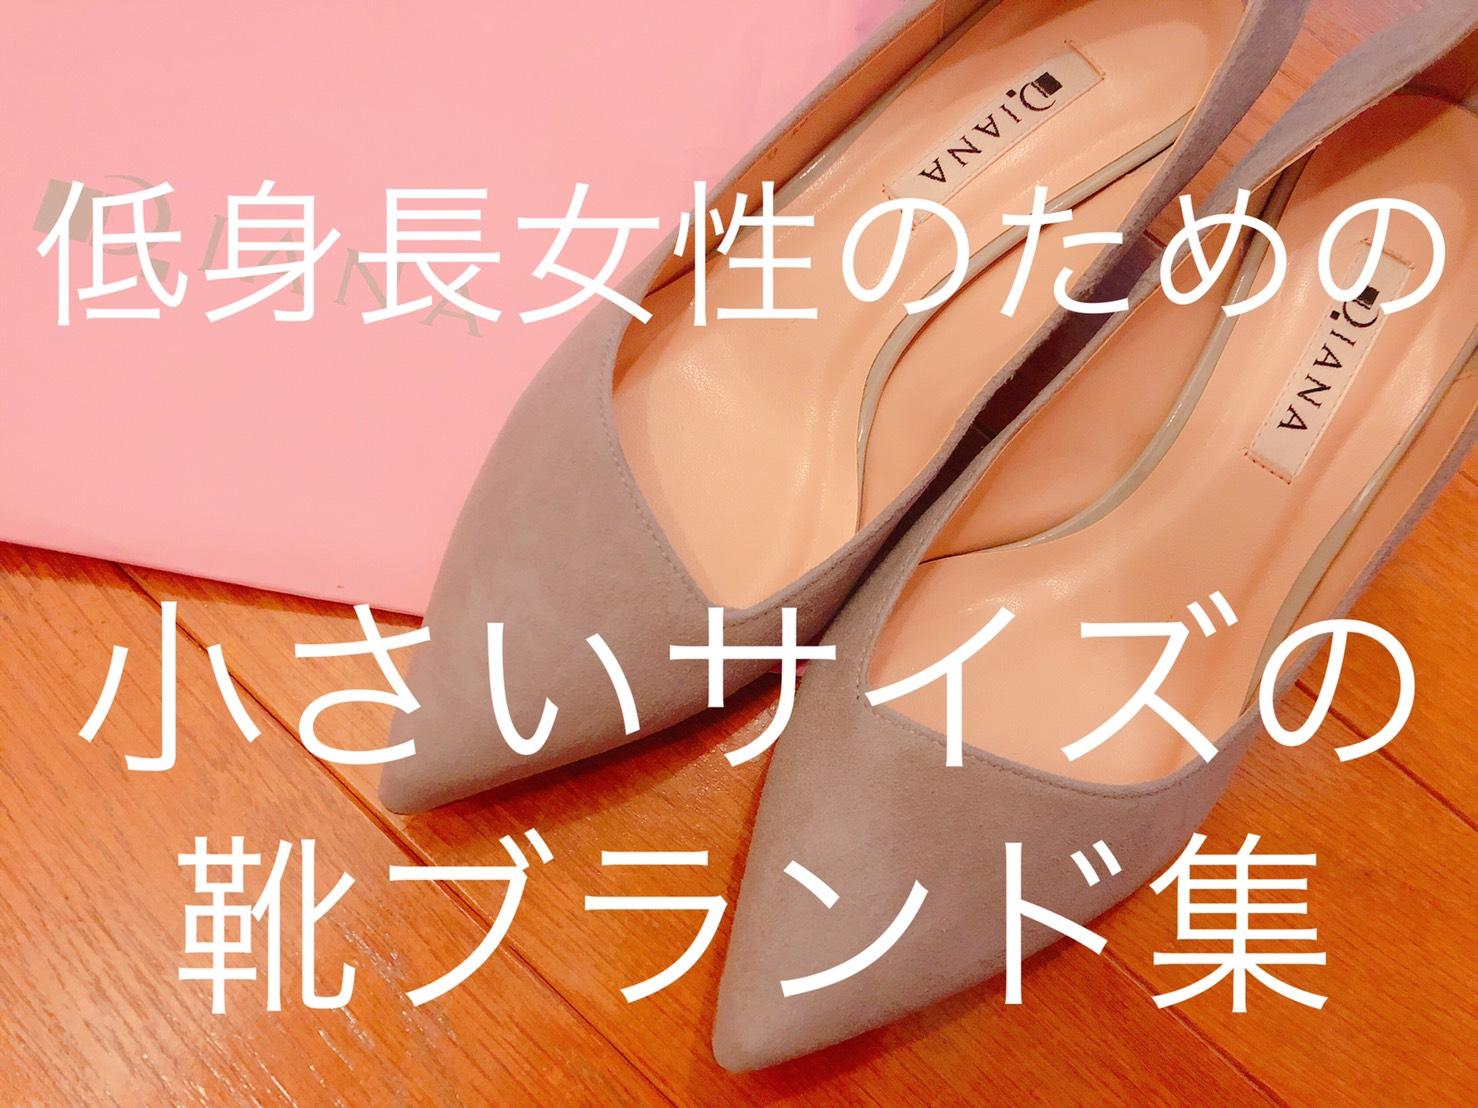 低身長女性のための小さいサイズのレディースブランド集【靴編】